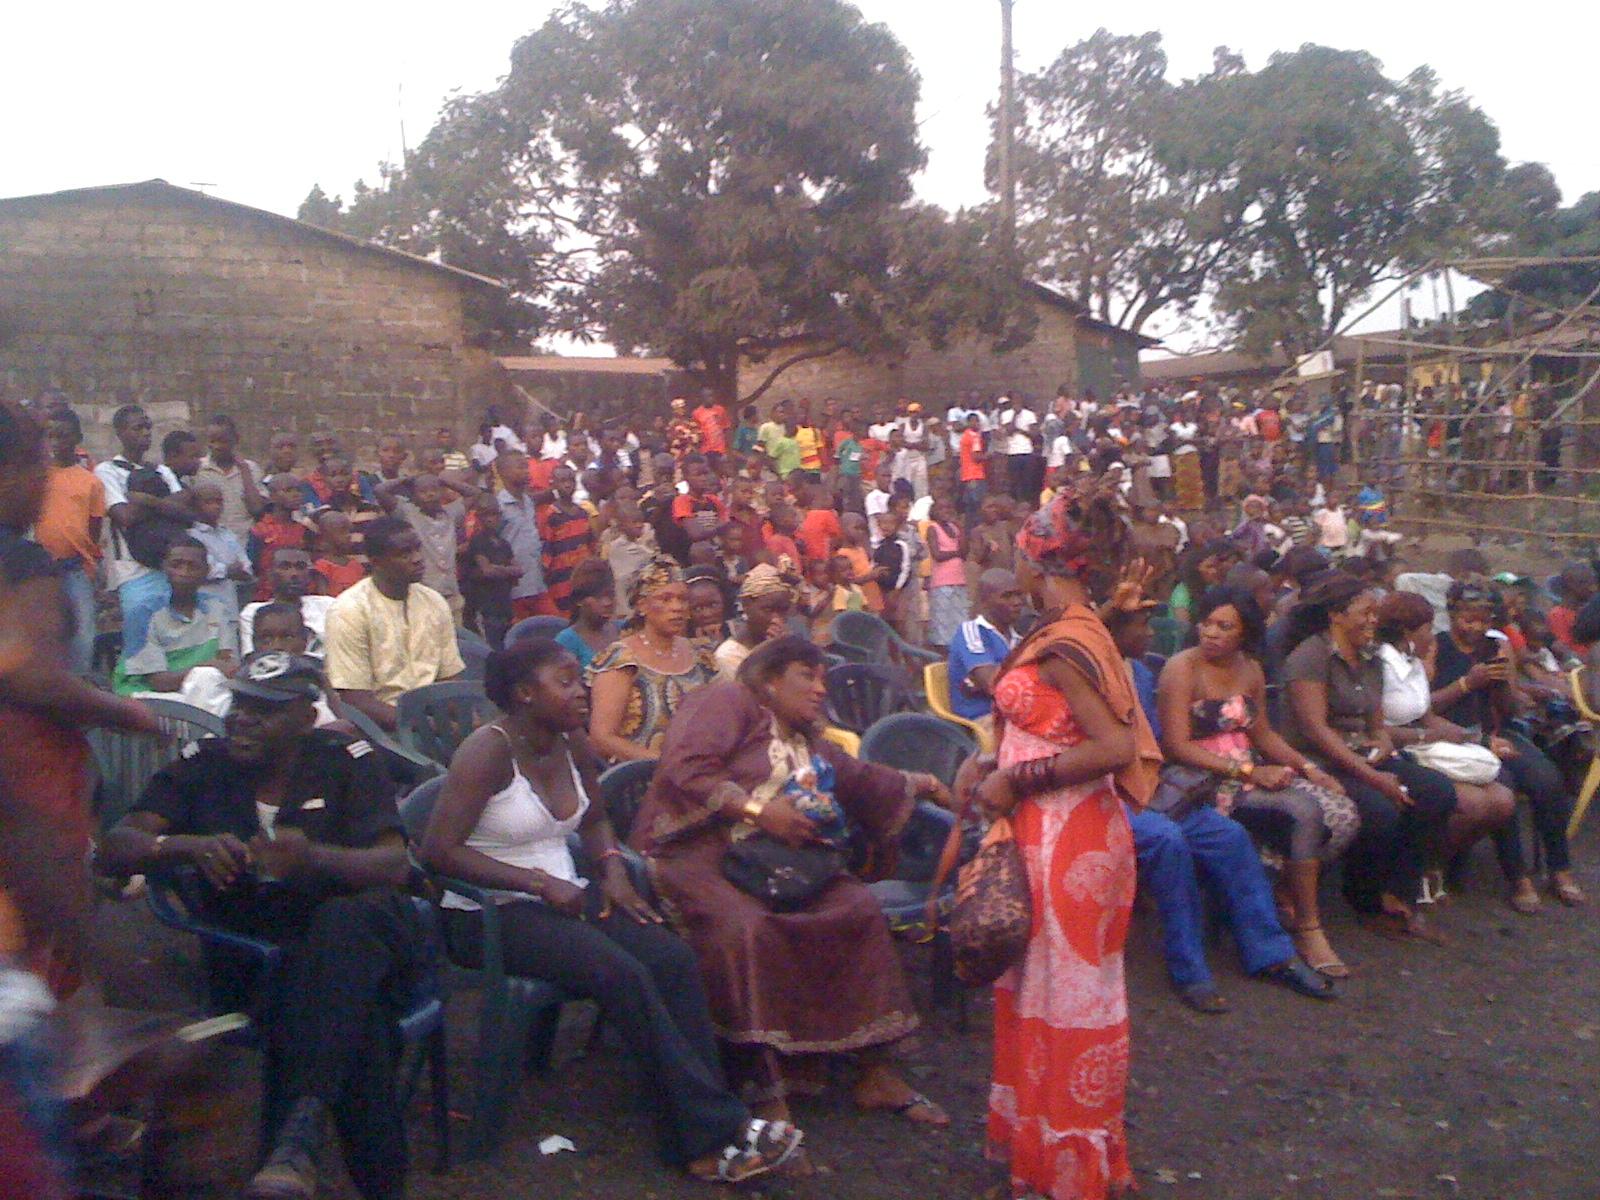 Public d'un show de rue